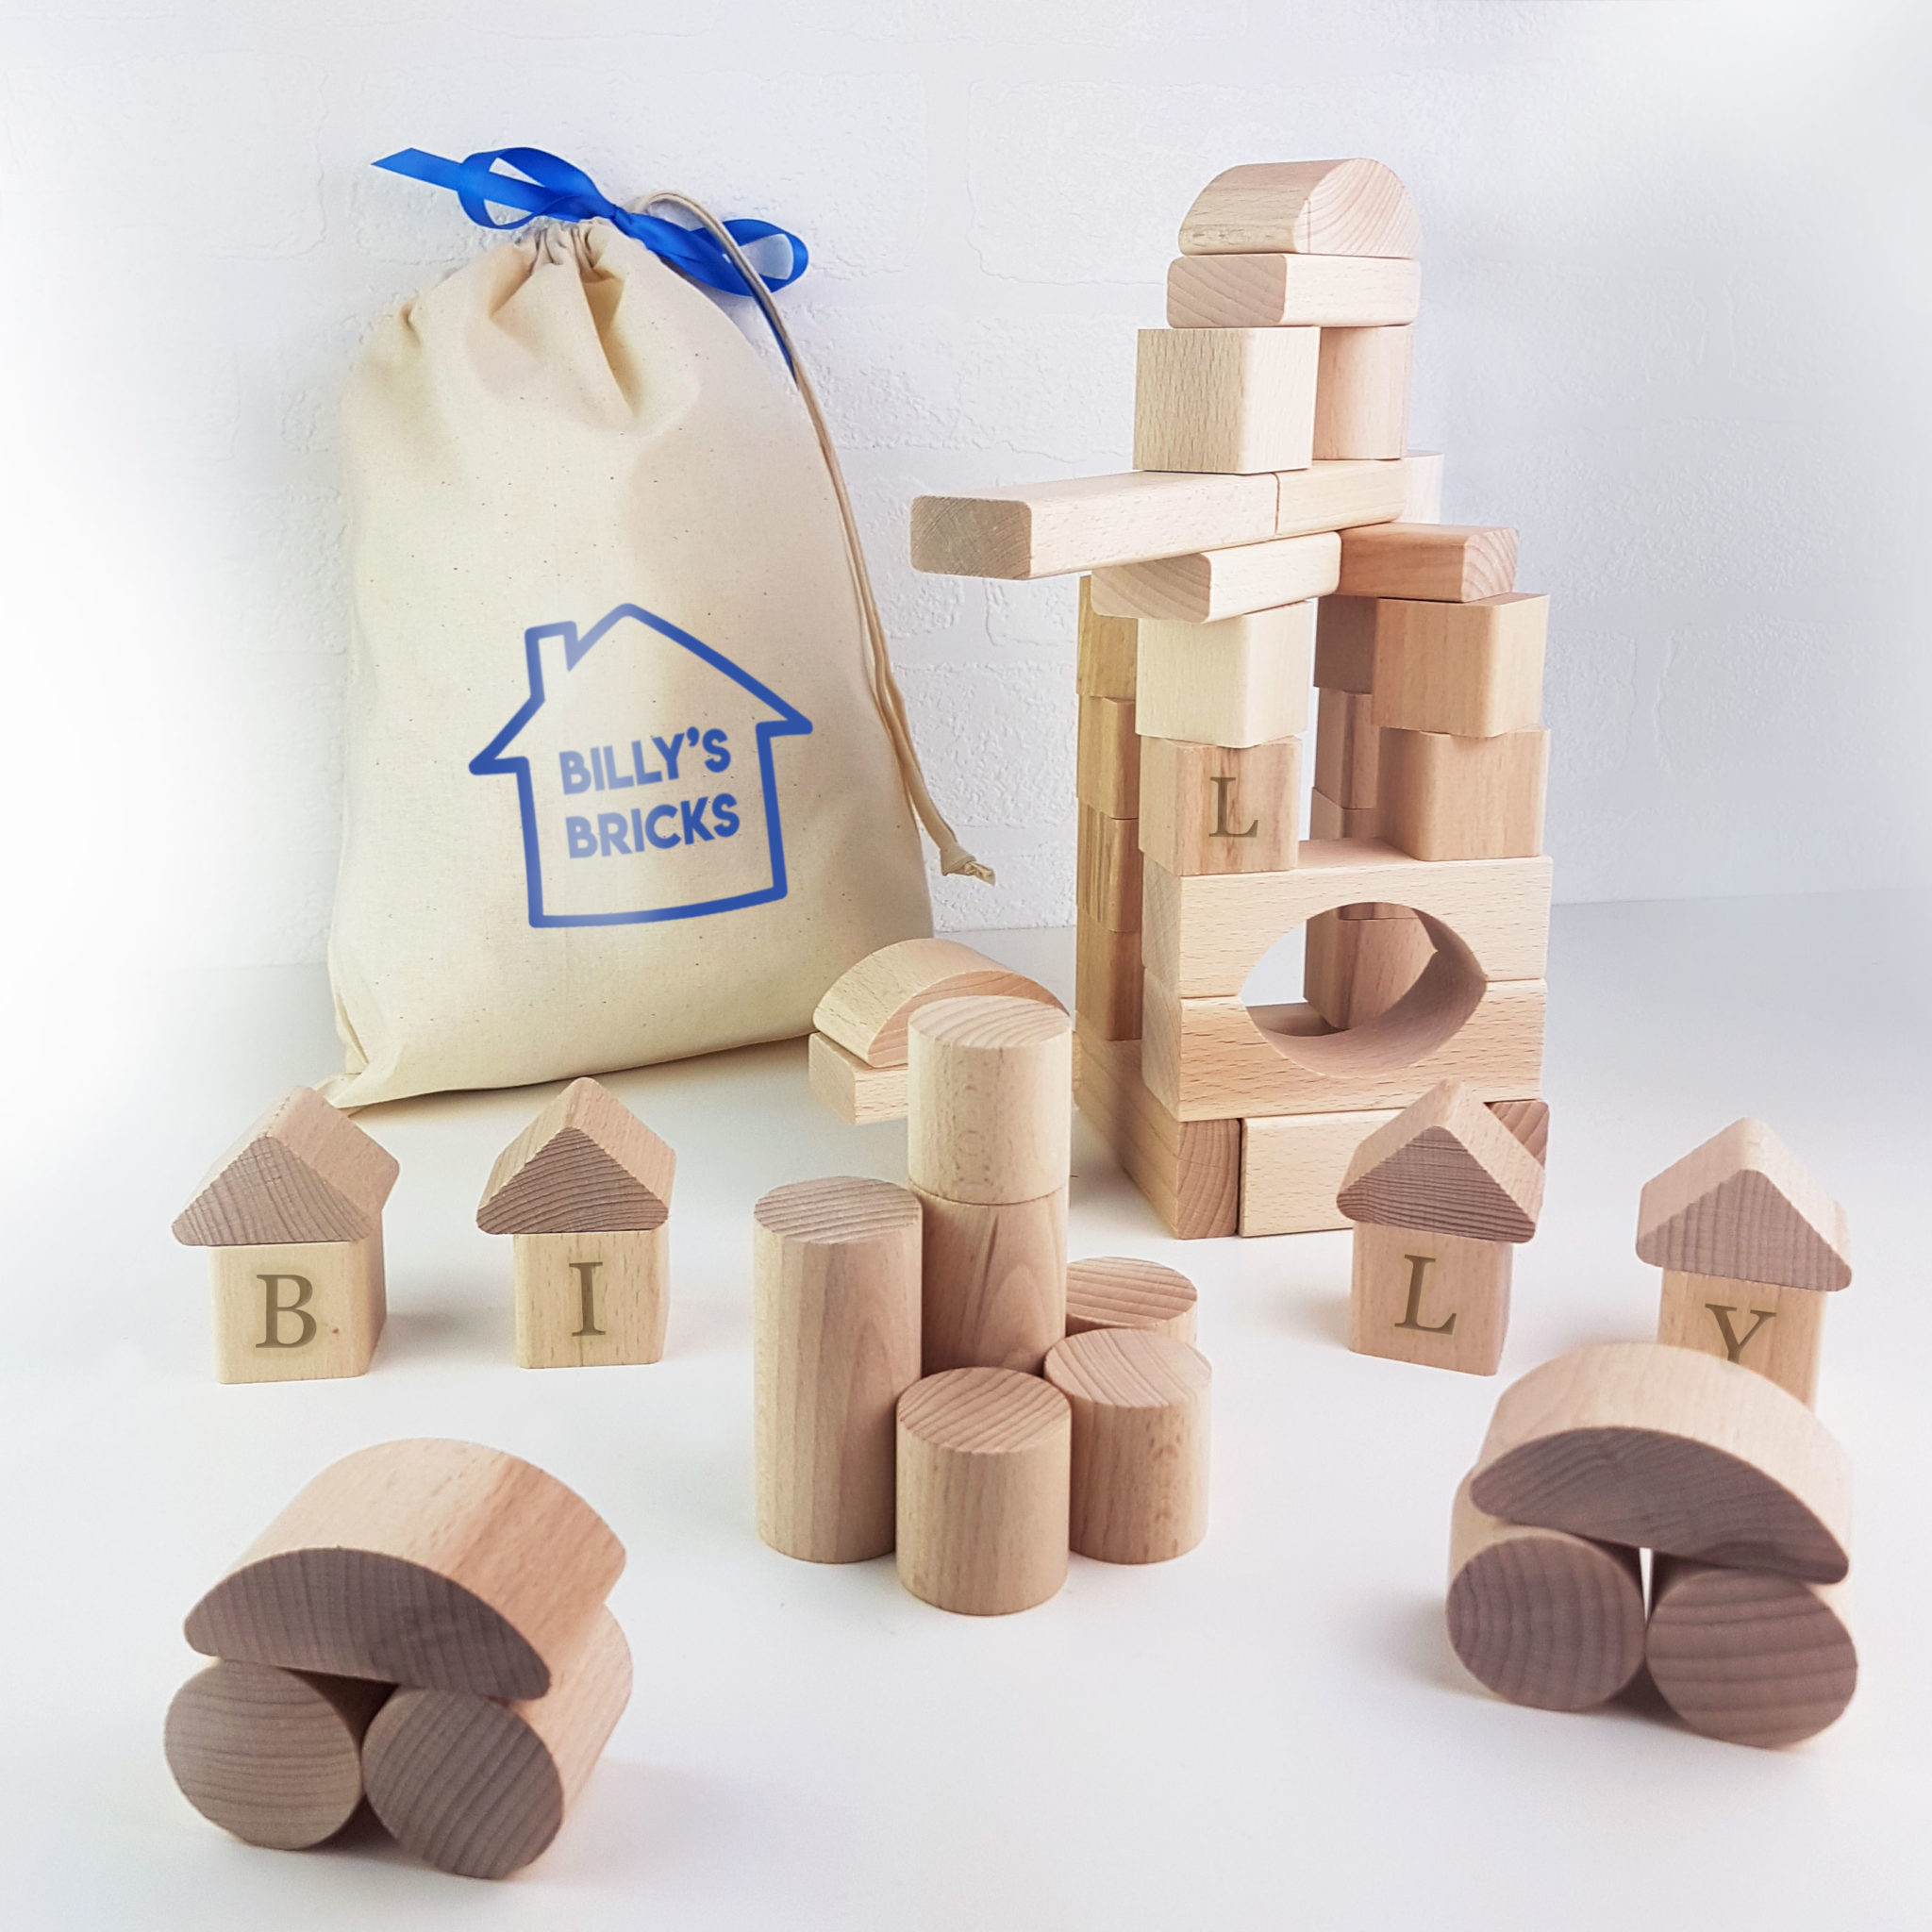 Personalised Wooden Building Blocks Gift Set Meenymineymo